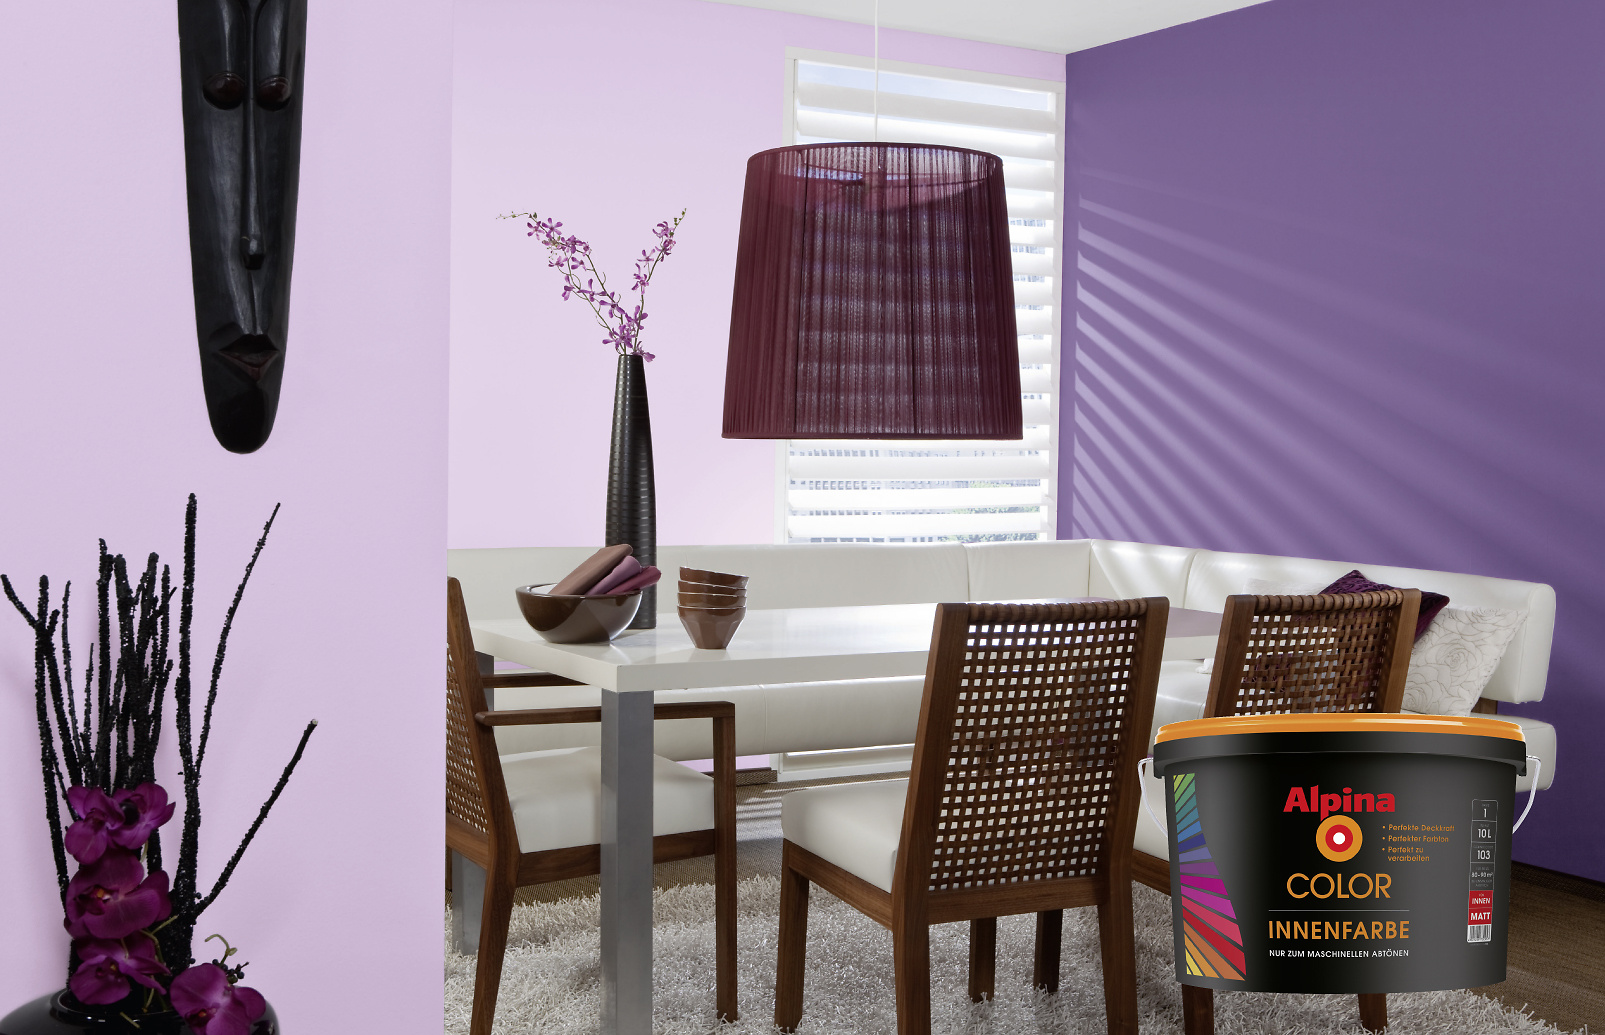 farben mischen diese m glichkeiten gibt es alpina innen streichen. Black Bedroom Furniture Sets. Home Design Ideas